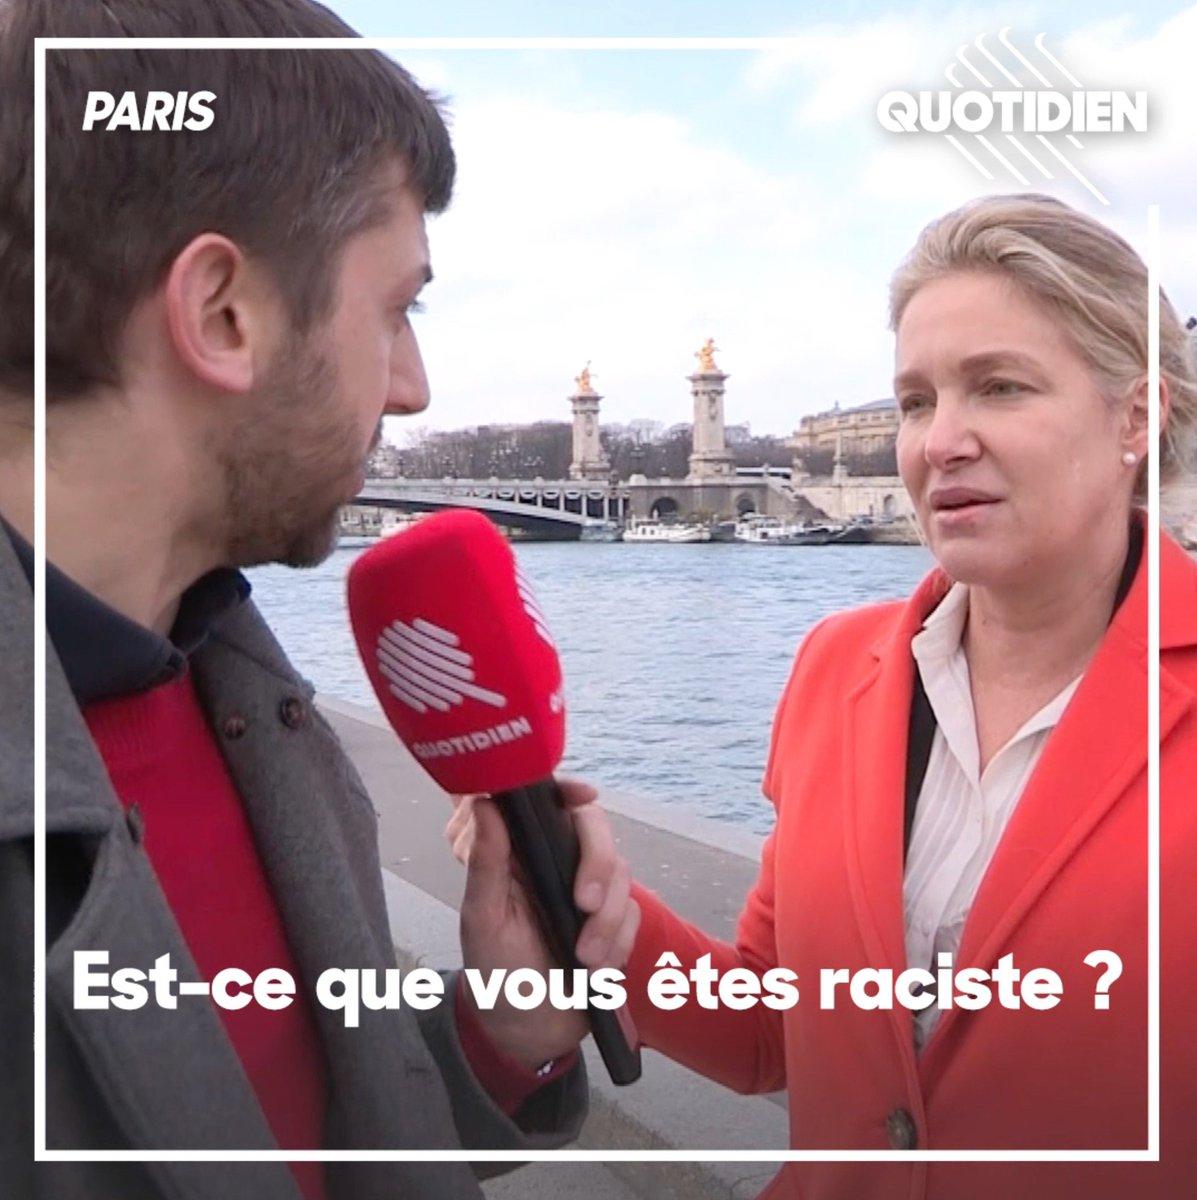 .@PaulLarrouturou a confronté Emmanuelle Gave, candidate aux élections européennes, à ses tweets jugés racistes. Voici sa réponse 👇 #Quotidien